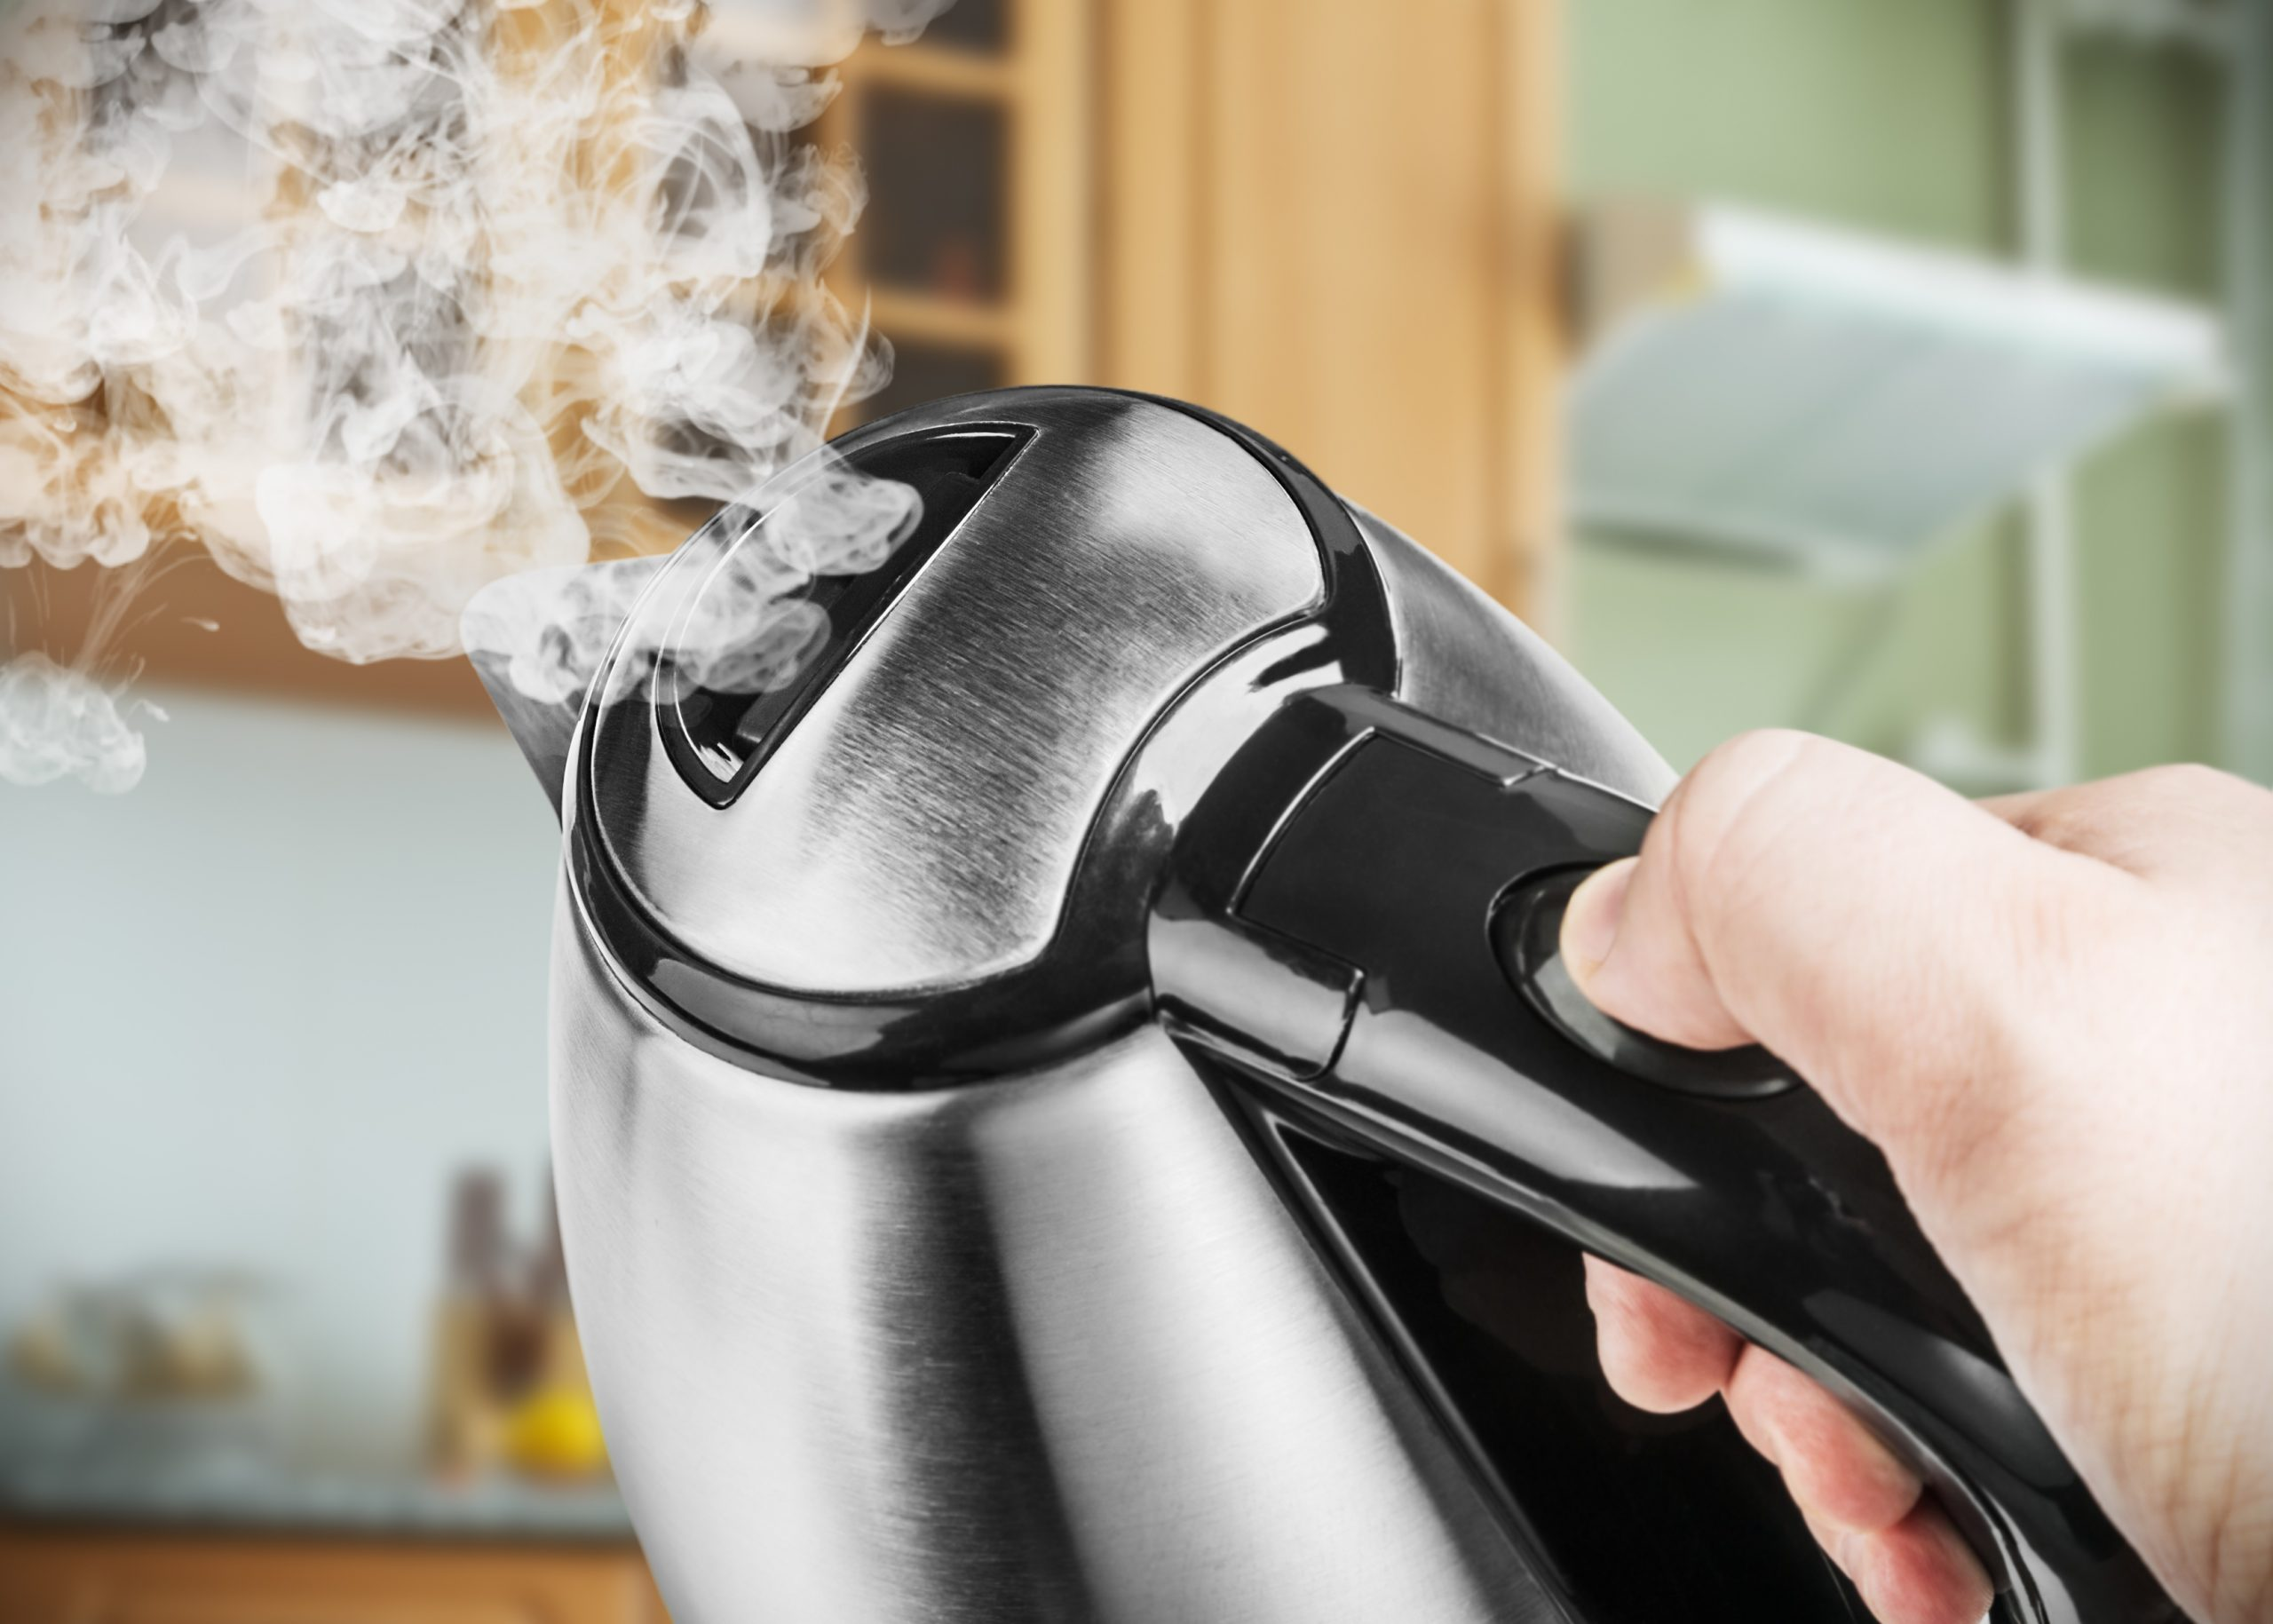 Bosch Wasserkocher: Test & Empfehlungen (05/20)